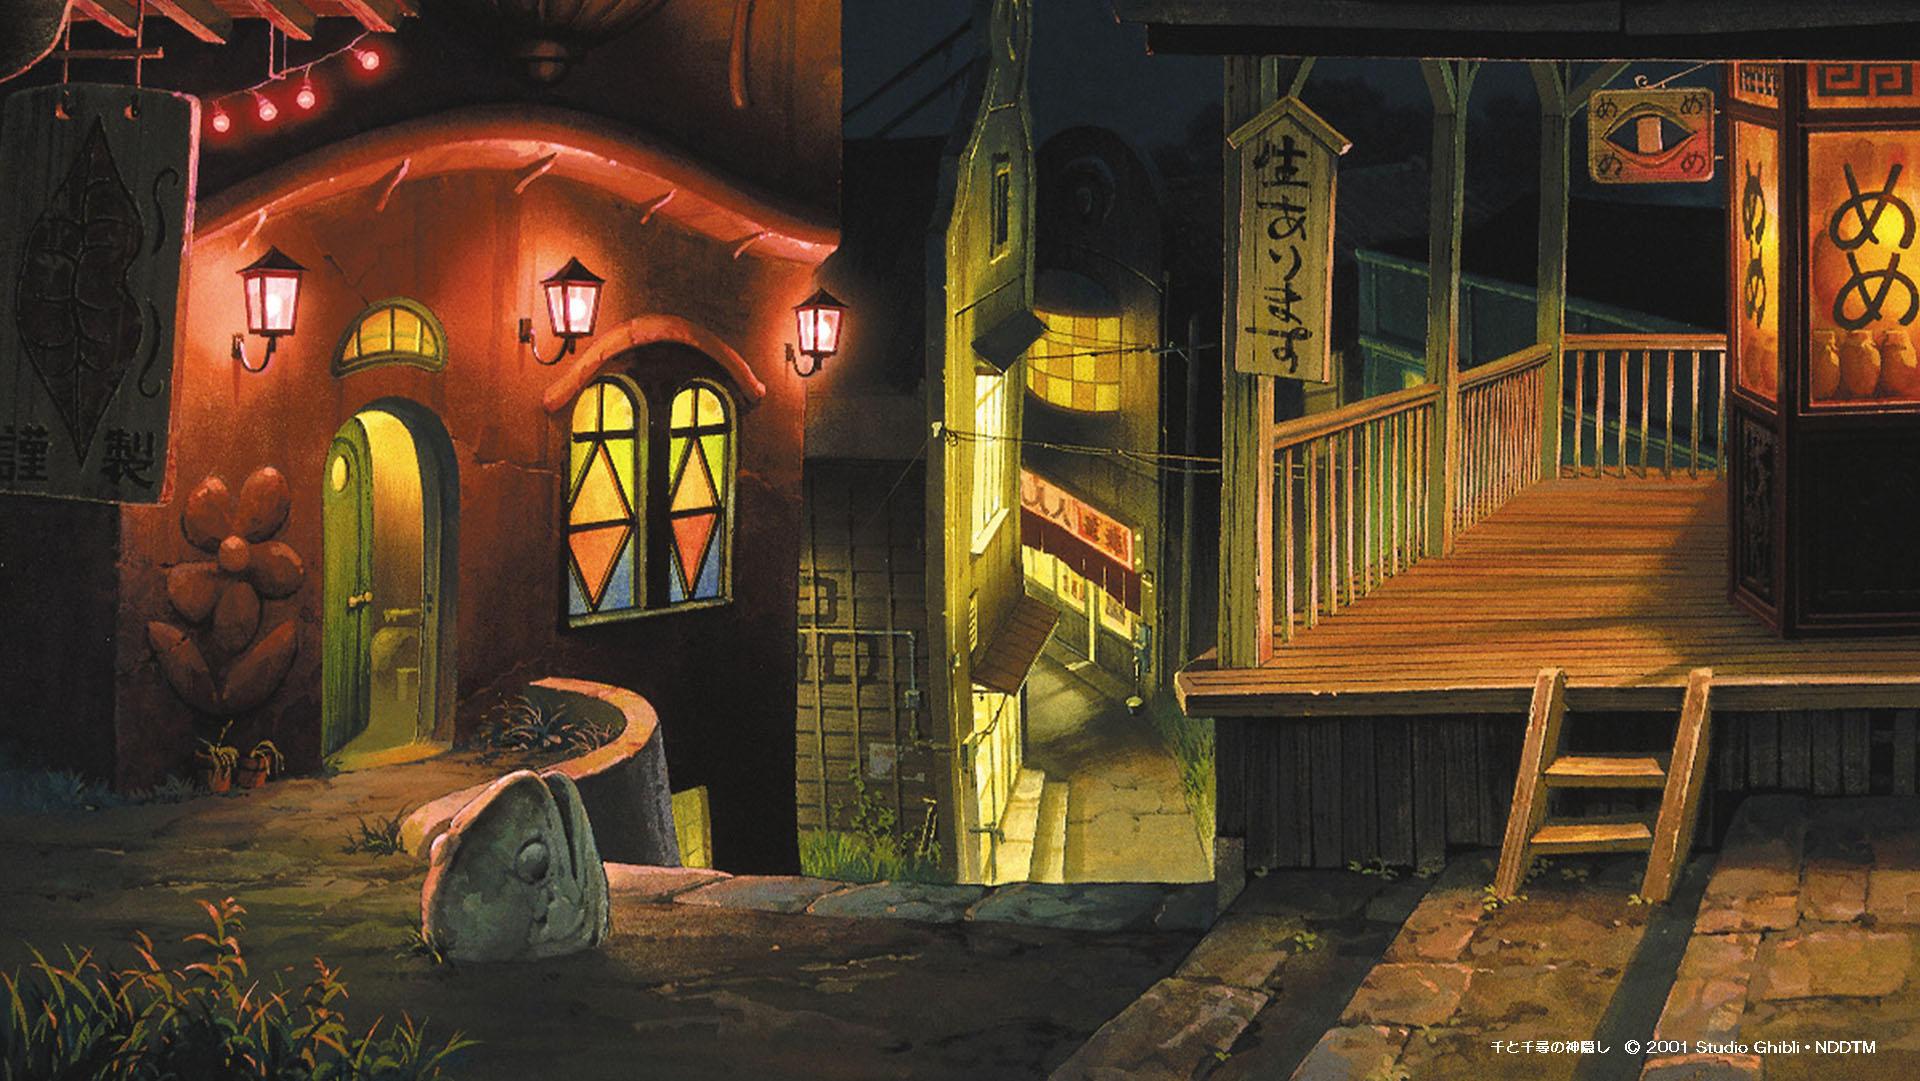 吉卜力提供免费视频会议背景素材,让你置身宫崎骏动画世界插图(3)